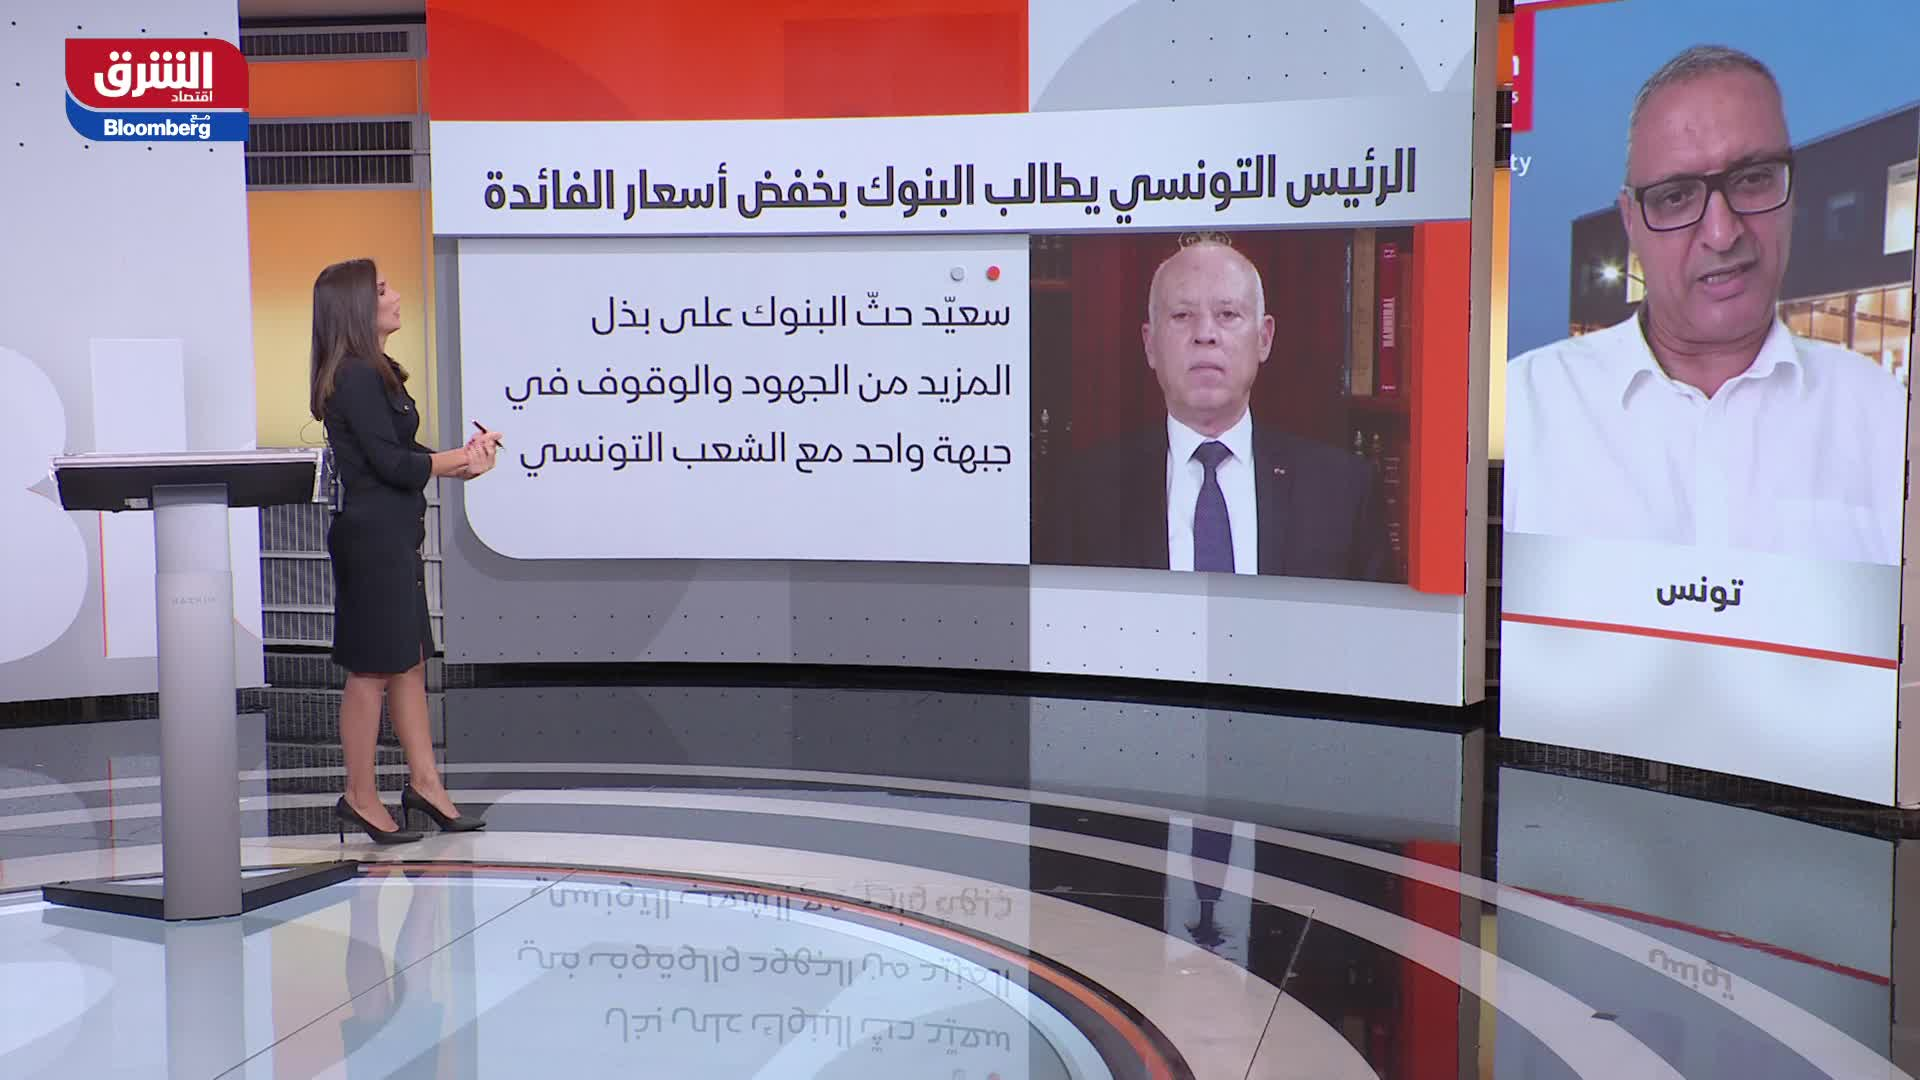 الرئيس التونسي يطالب البنوك بخفض أسعار الفائدة.. ما رأيك؟